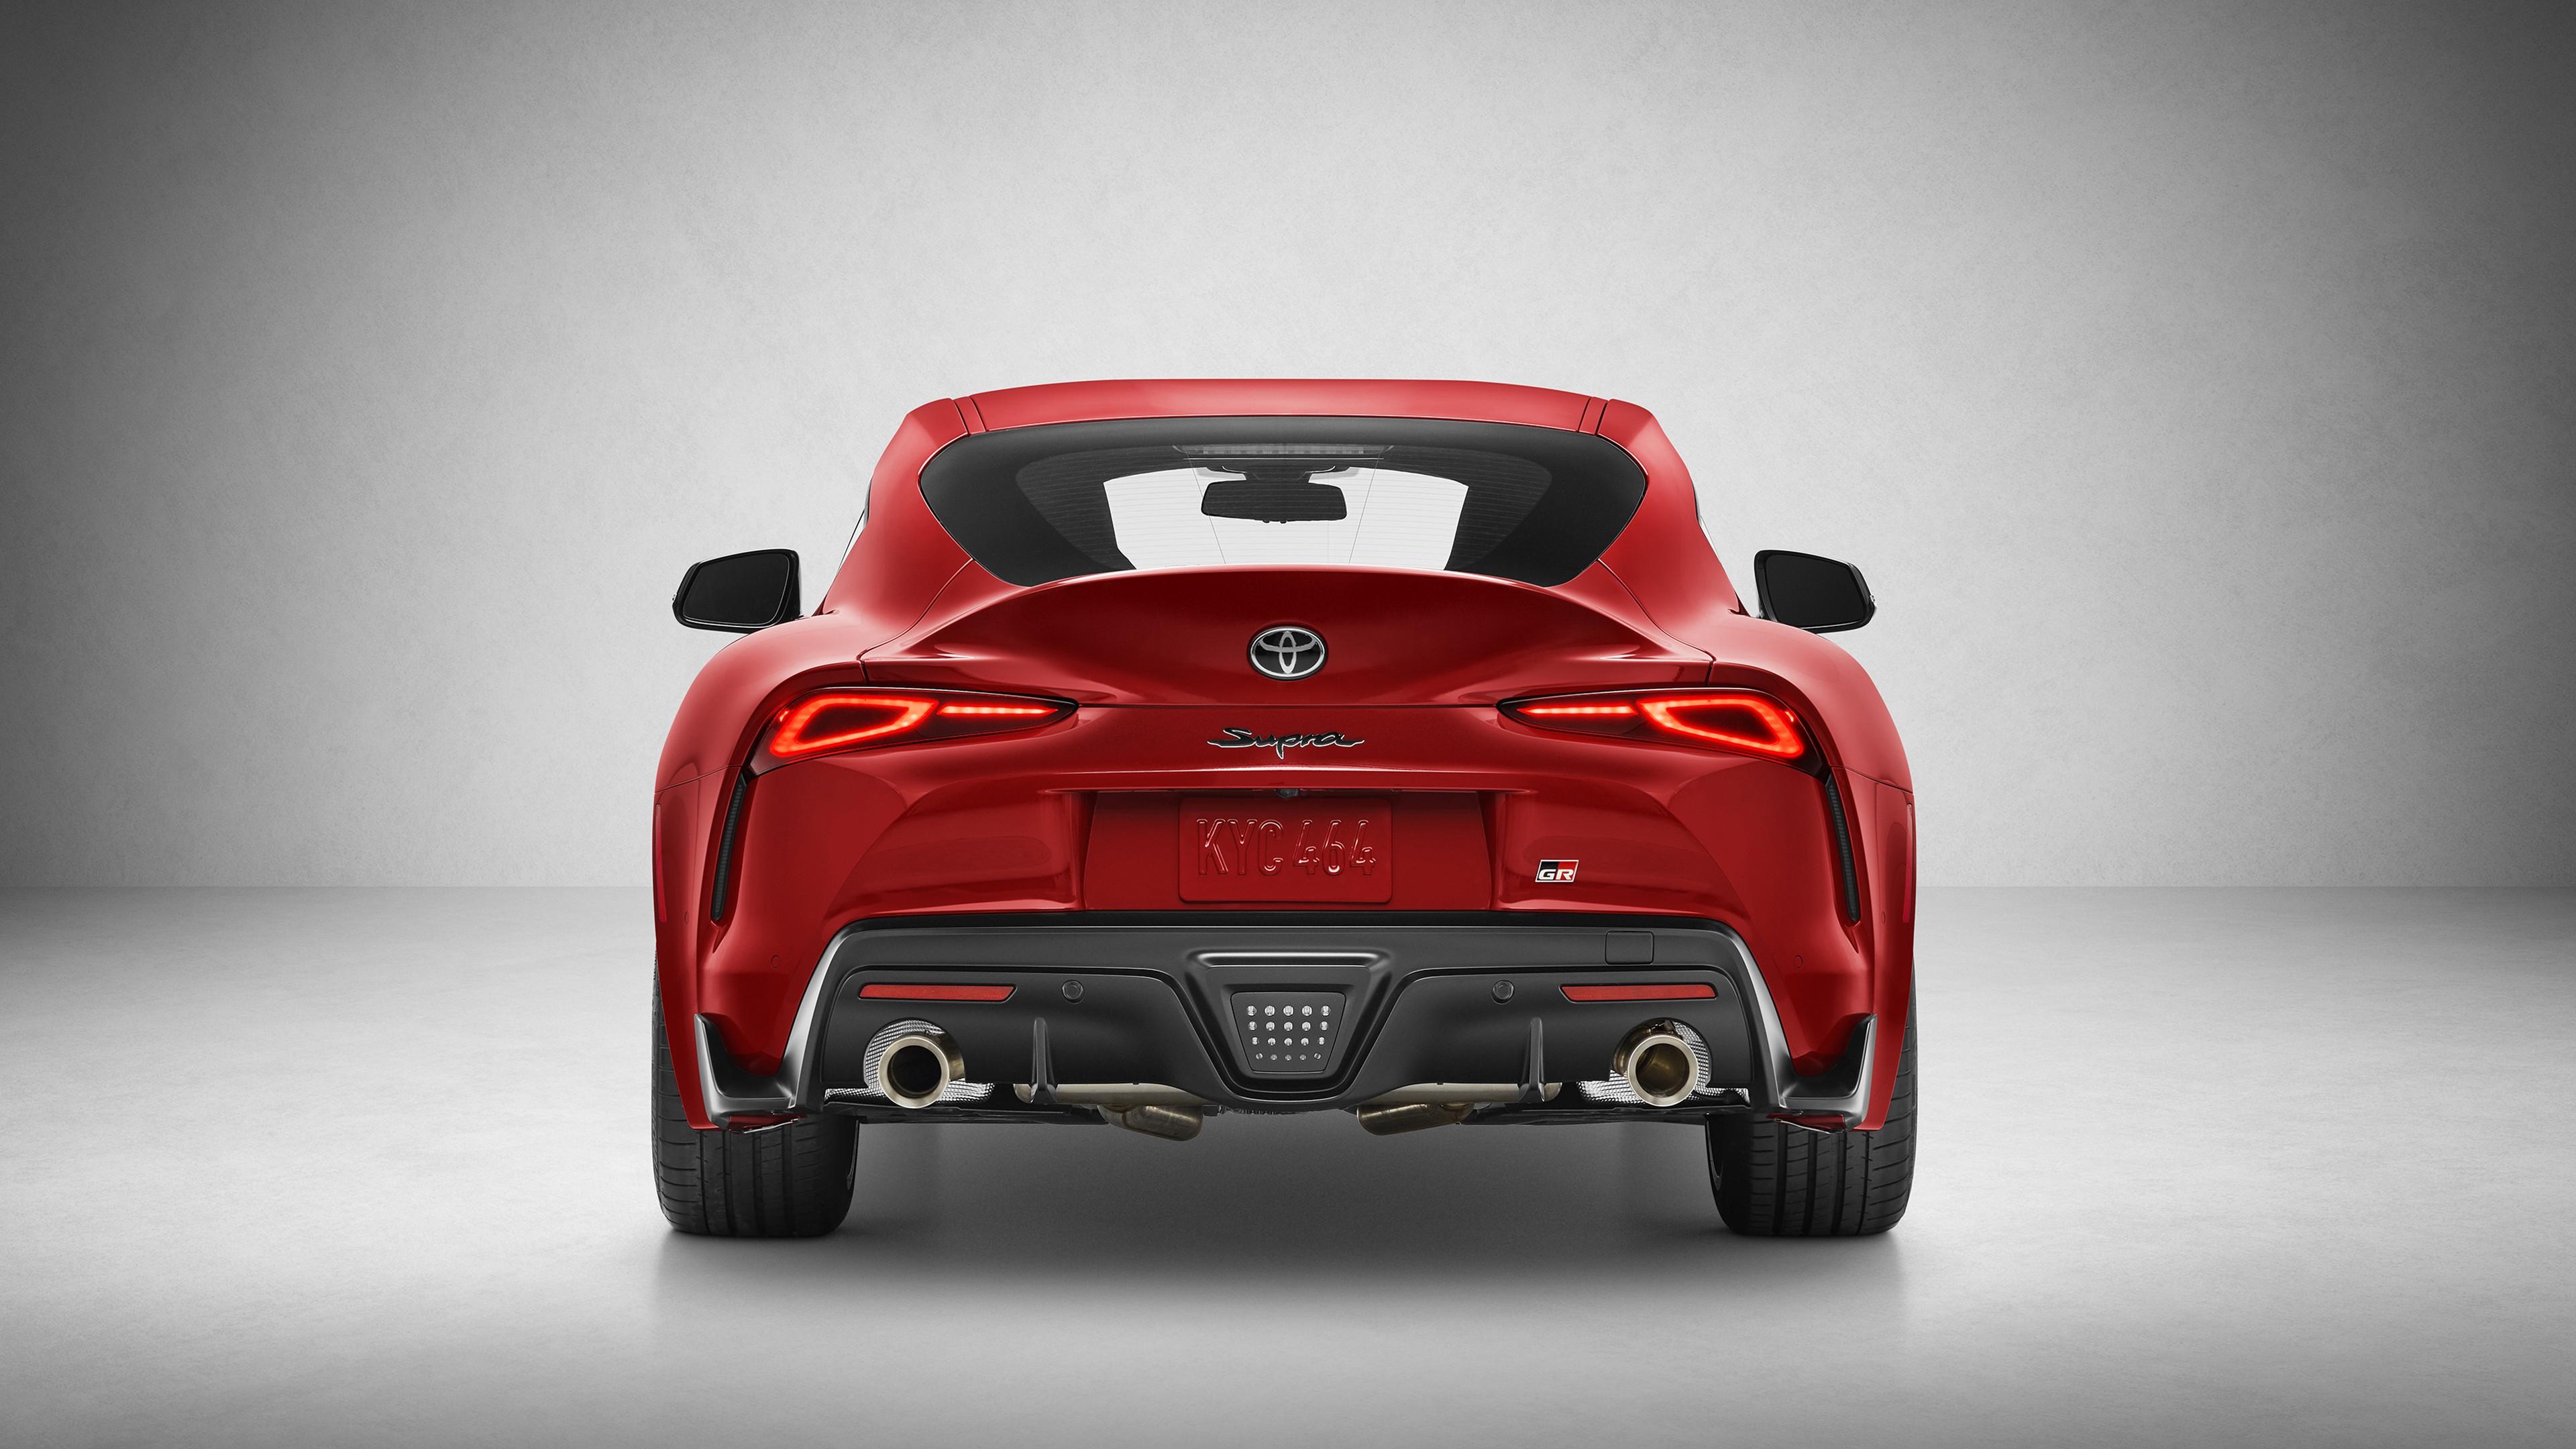 2020 Toyota GR Supra 4K 4 Wallpaper | HD Car Wallpapers ...